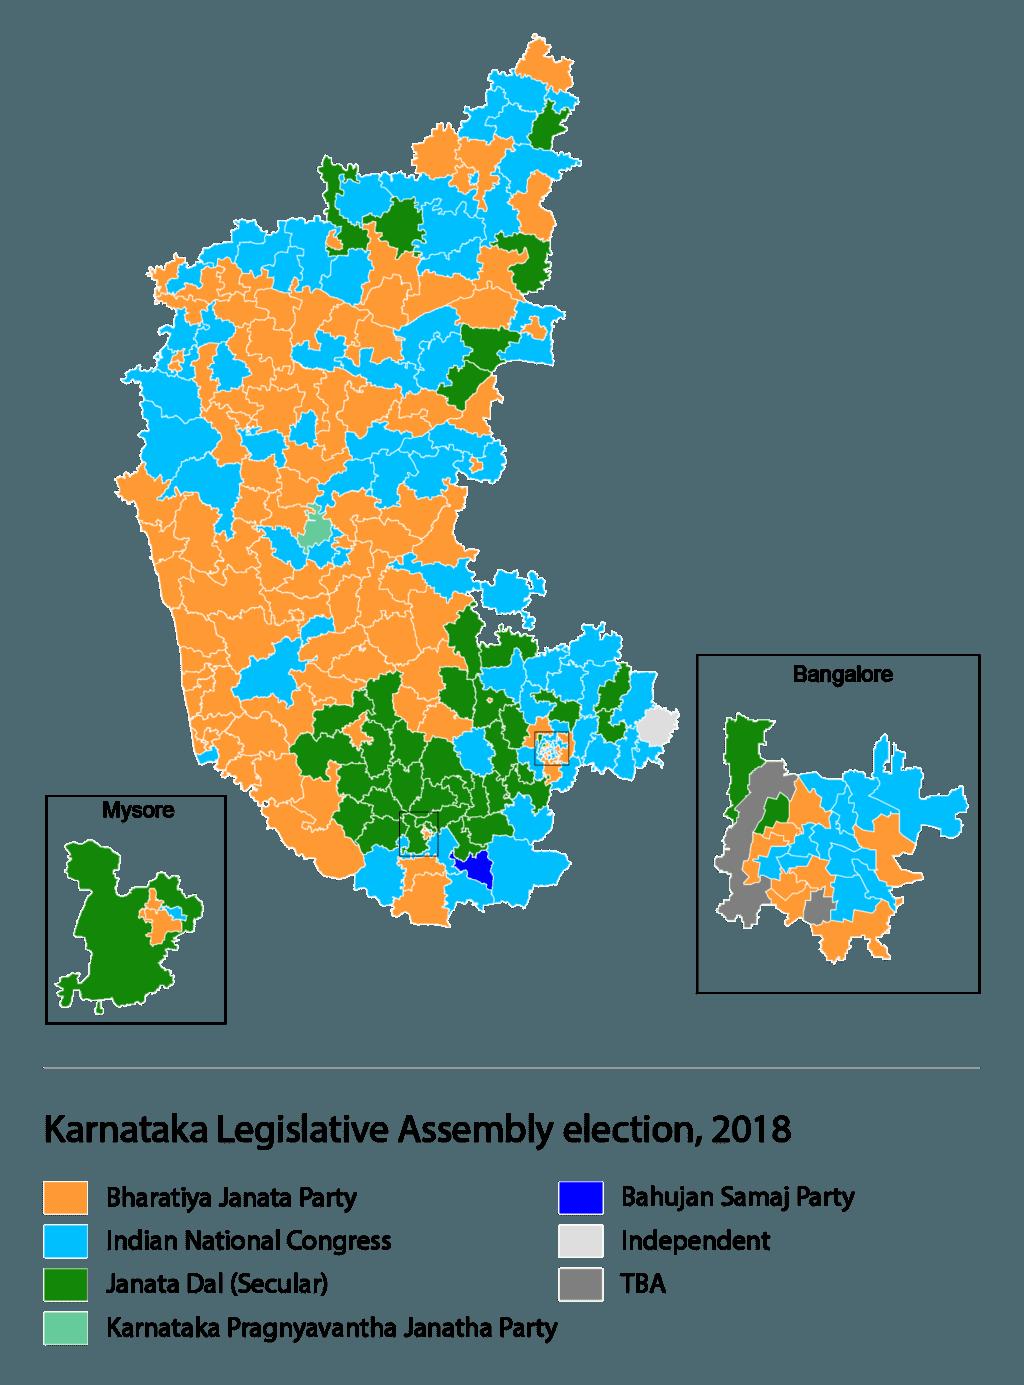 莫迪連任之路:從卡納塔克邦選舉結果看印度2019大選